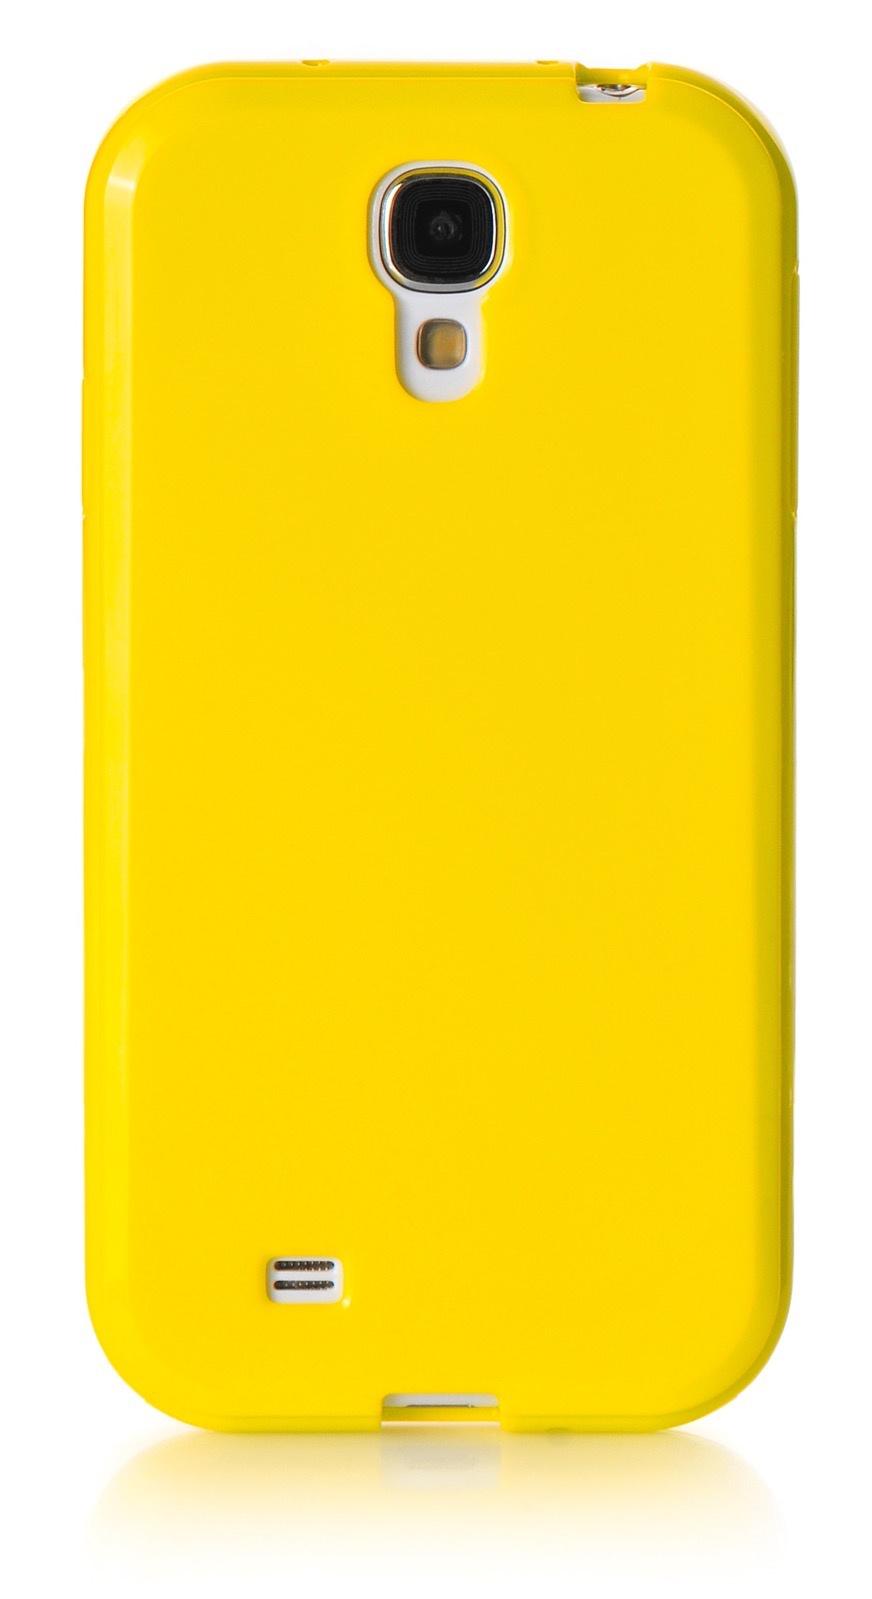 Чехол для сотового телефона iNeez накладка силикон мыльница 480085 для Samsung Galaxy S4 mini, желтый